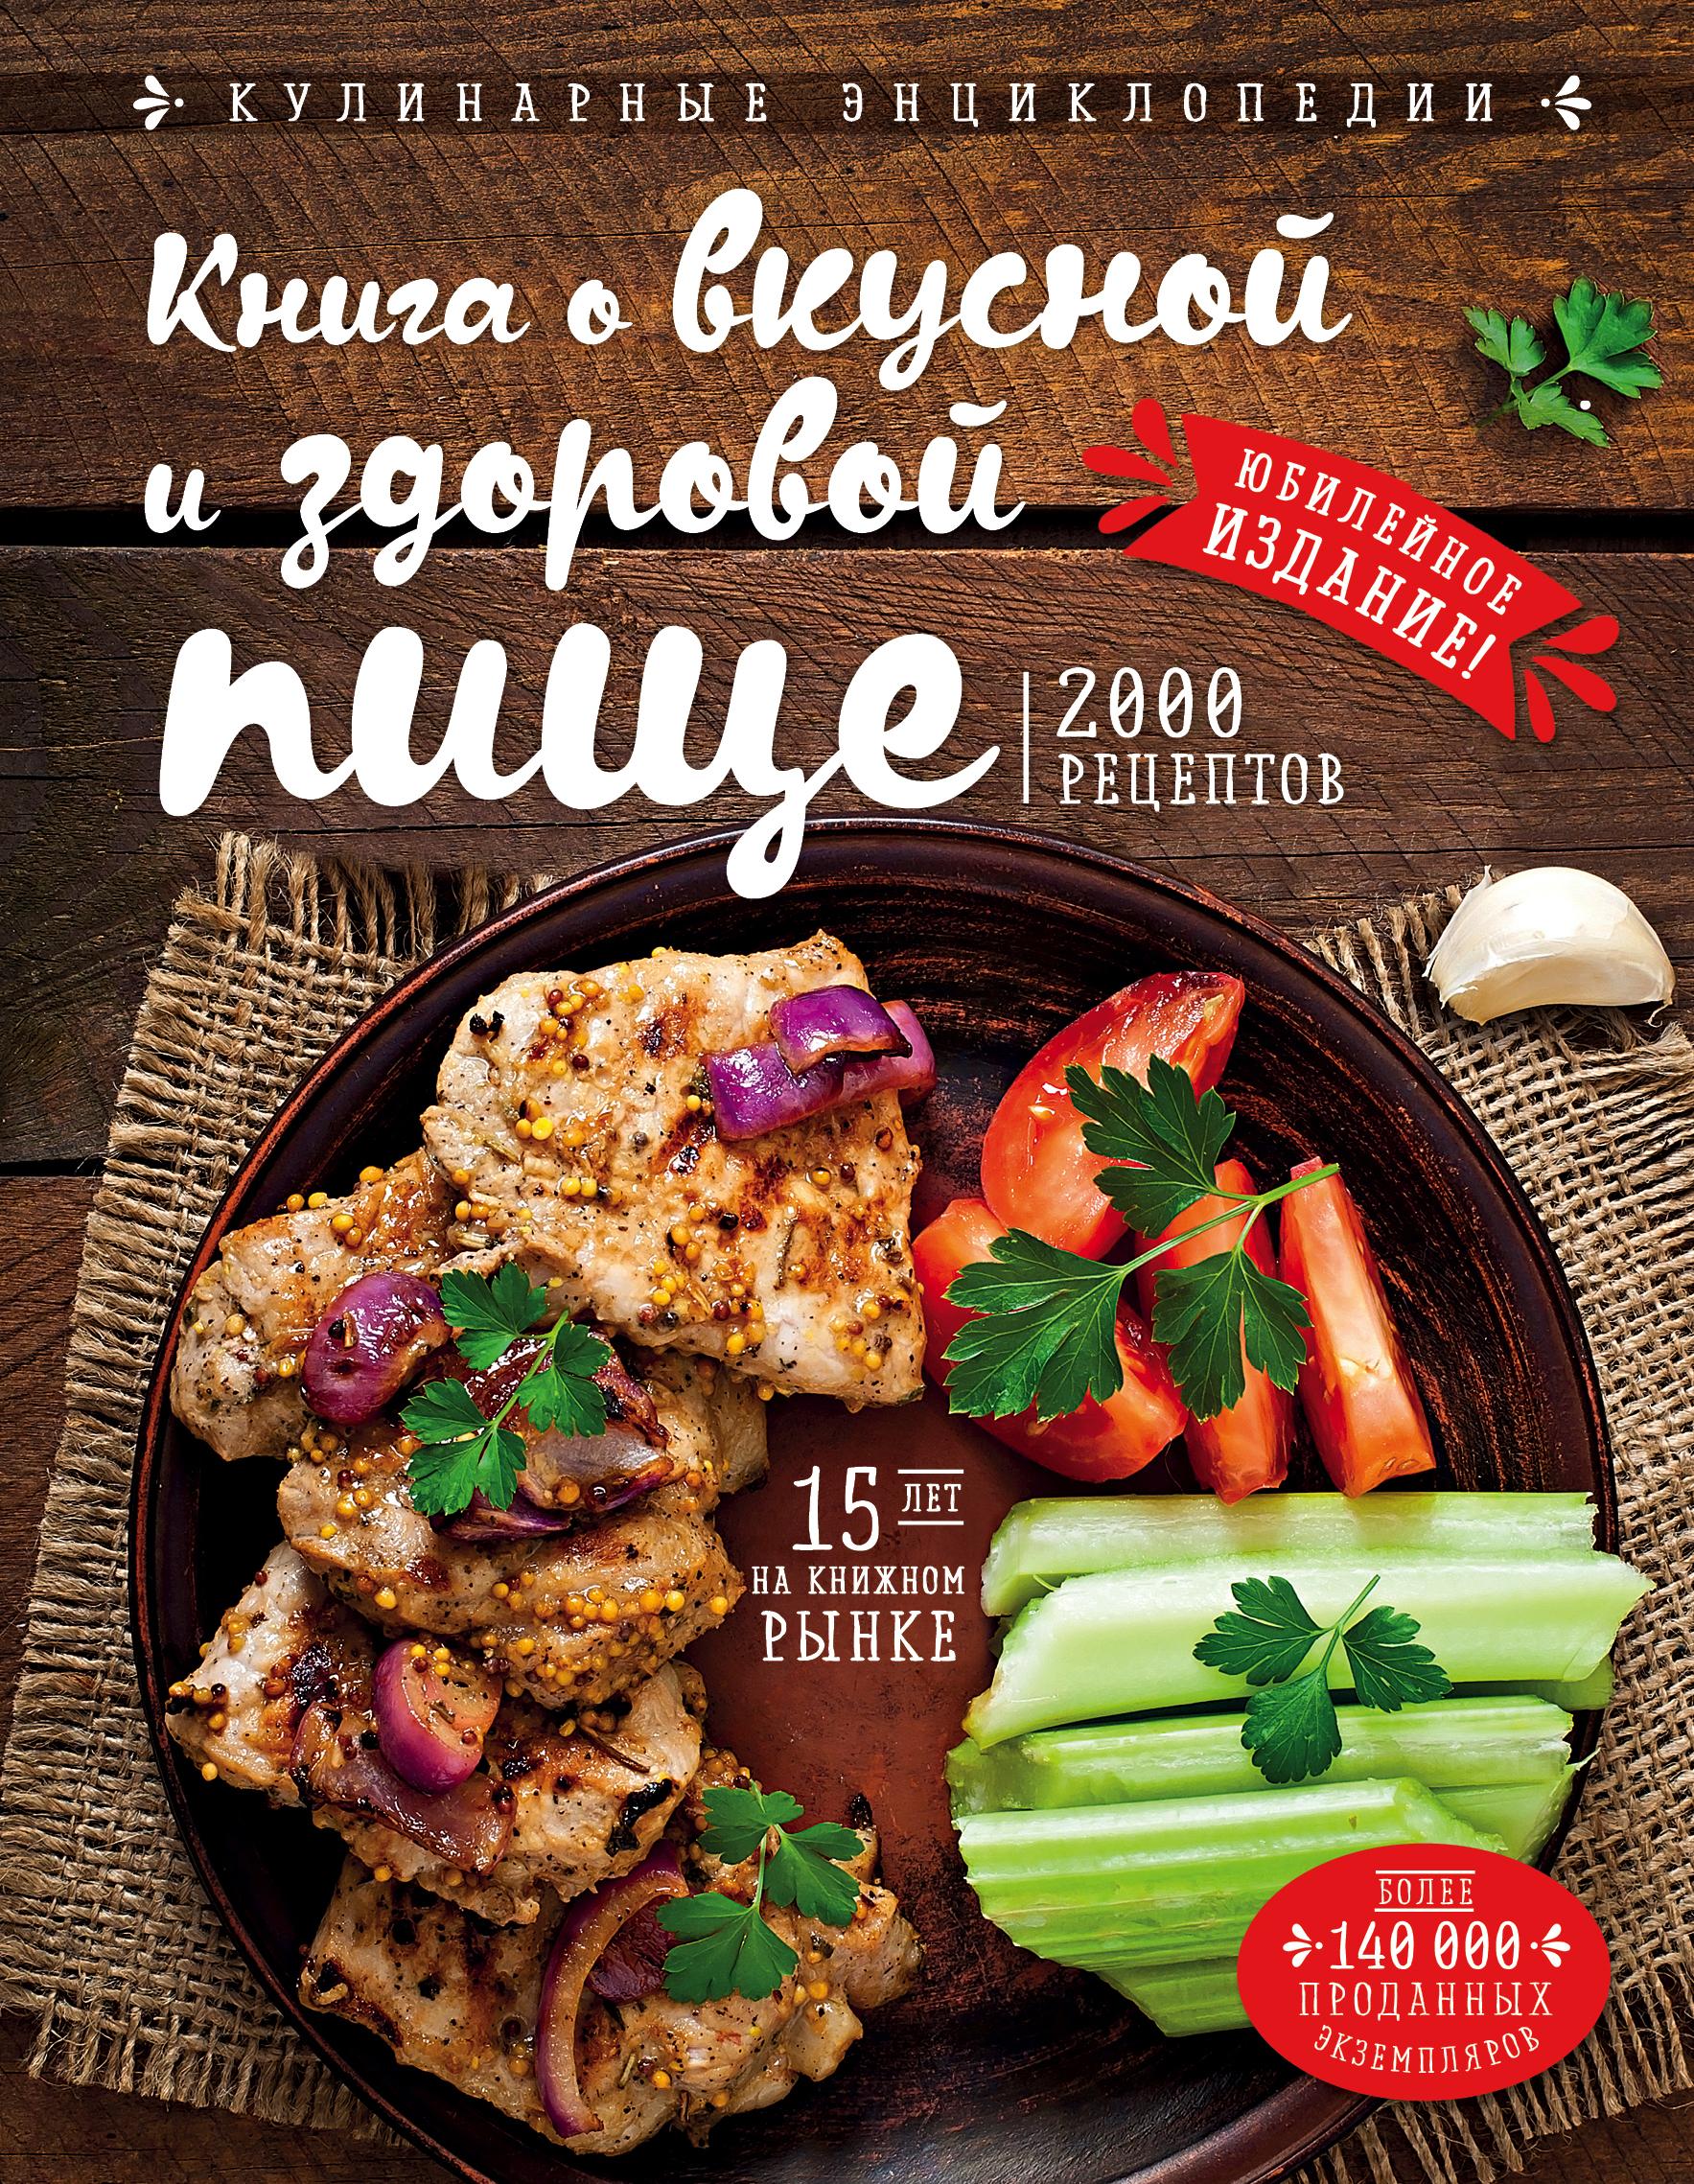 Книга о вкусной и здоровой пище (новое оформление). Могильный Николай Петрович